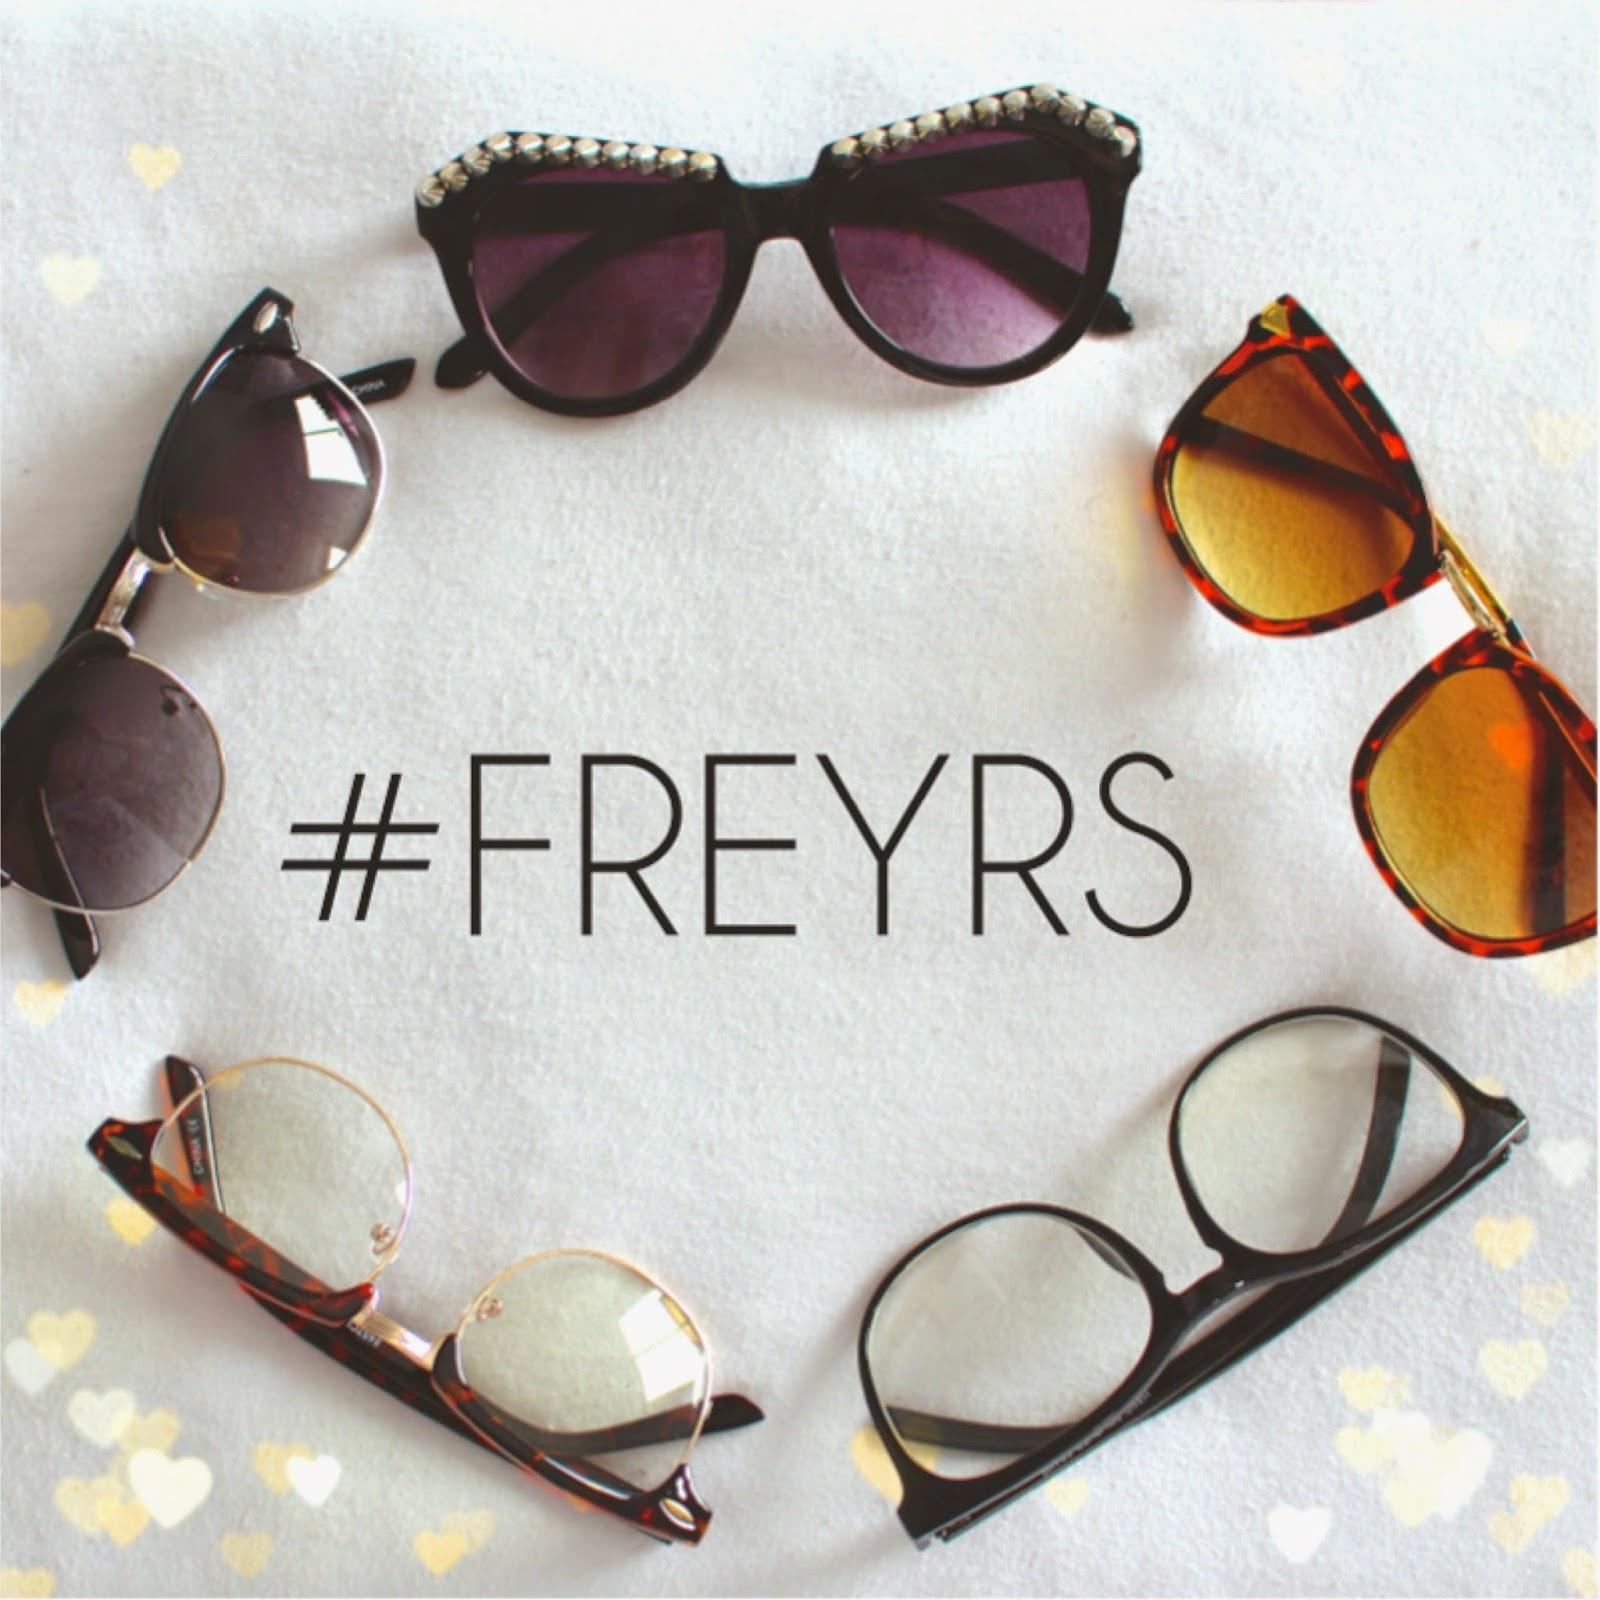 Freyrs